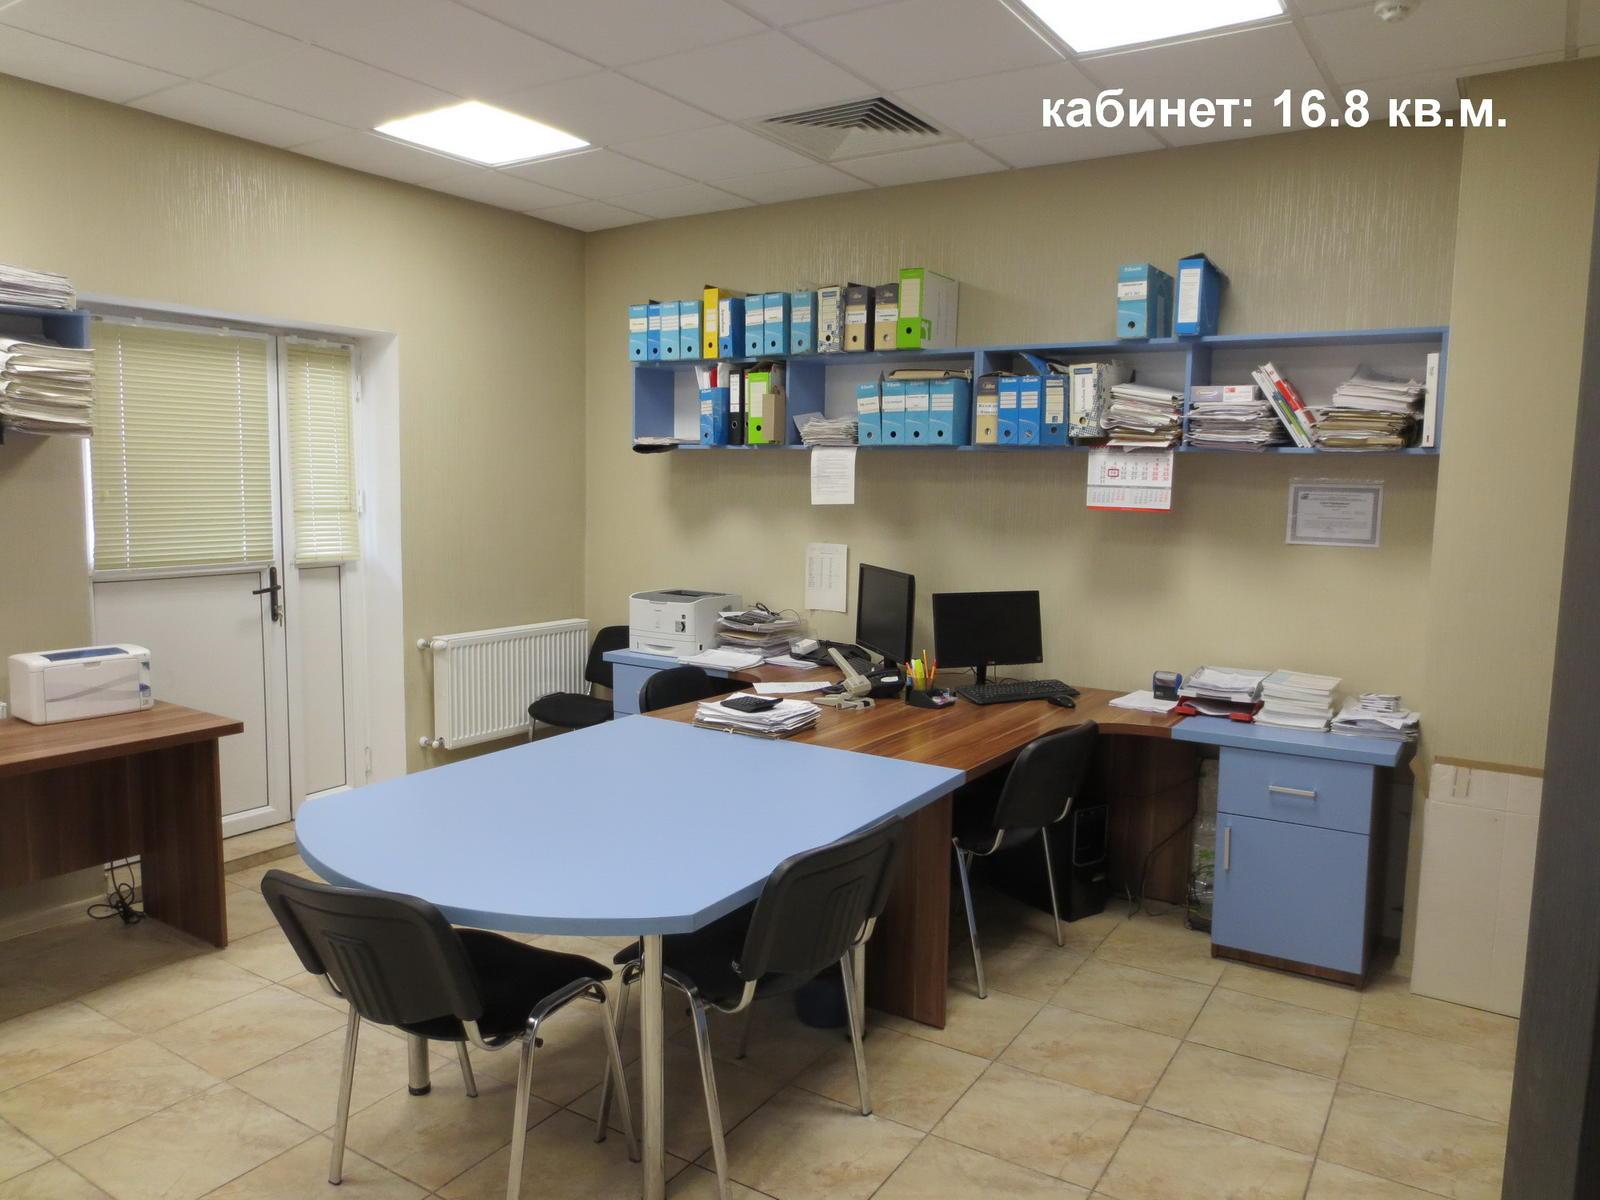 Продажа торгового помещения на ул. Одоевского, д. 115/А в Минске - фото 3